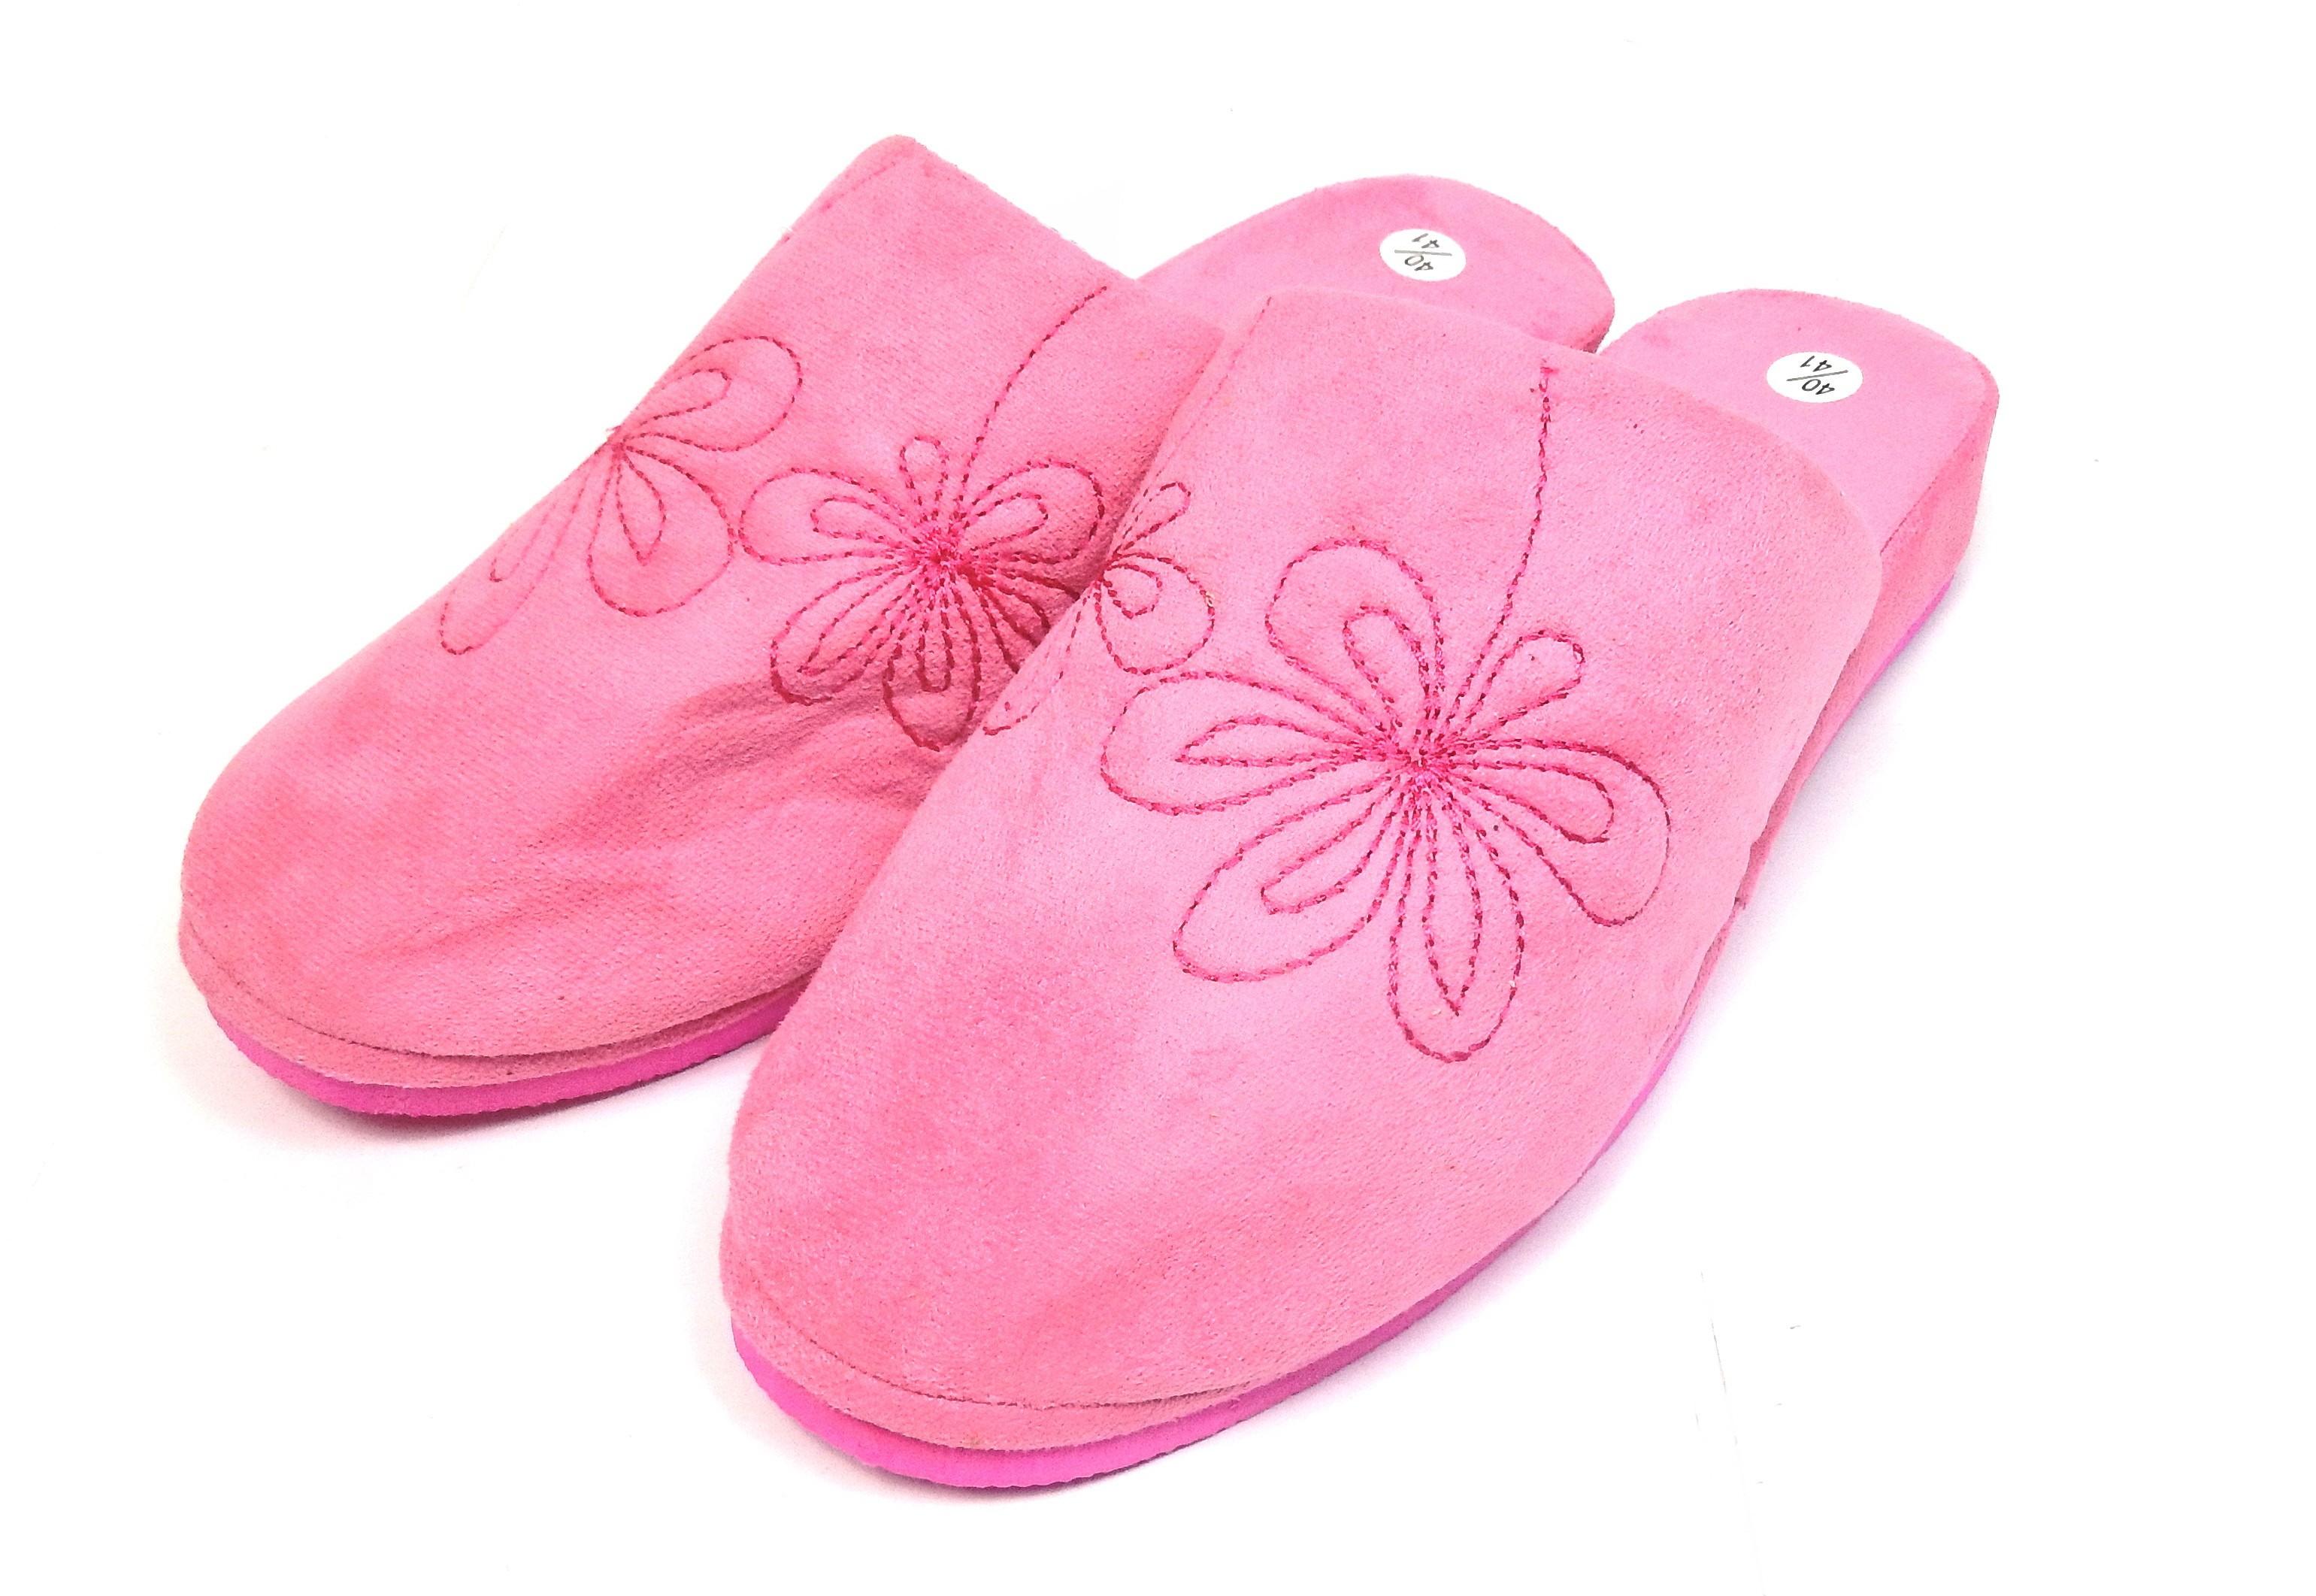 Pantoufles chaussons mules femme rose vif fleurs - Shopping-affaires b4fcc801c071